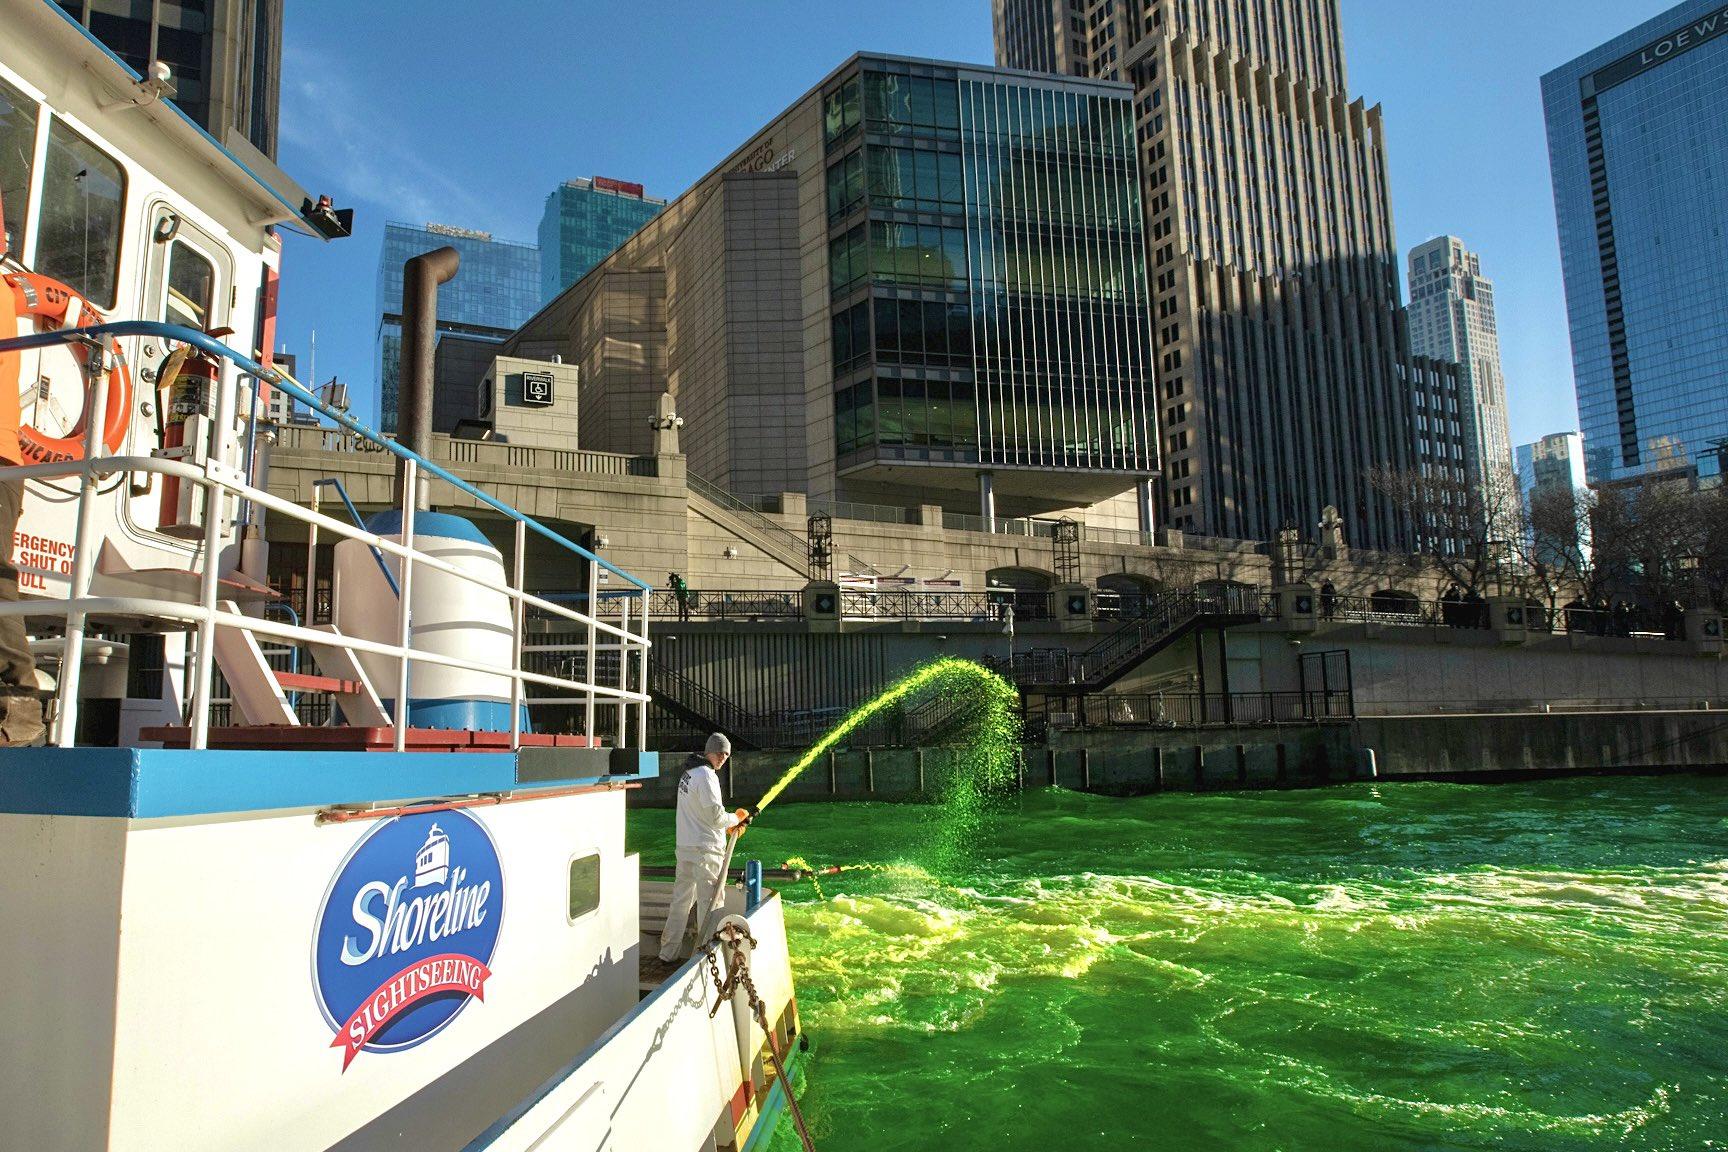 美国芝加哥染绿河流庆祝节日 为防聚集市民未被通知